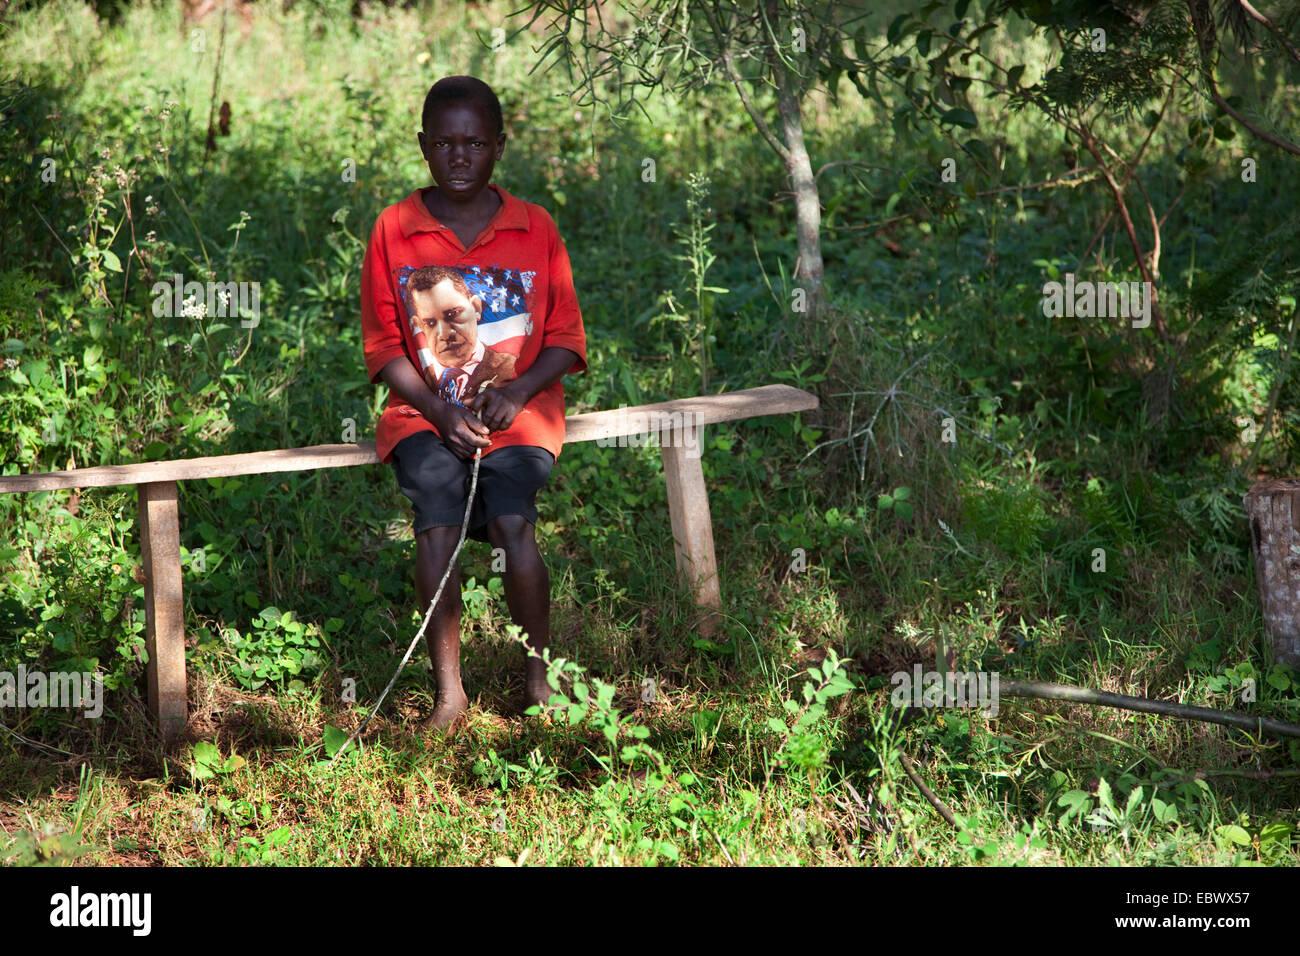 boy sitting on wooden bench, US president Obama is printed on his t-shirt, Burundi, Cankuzo, Cankuzo - Stock Image